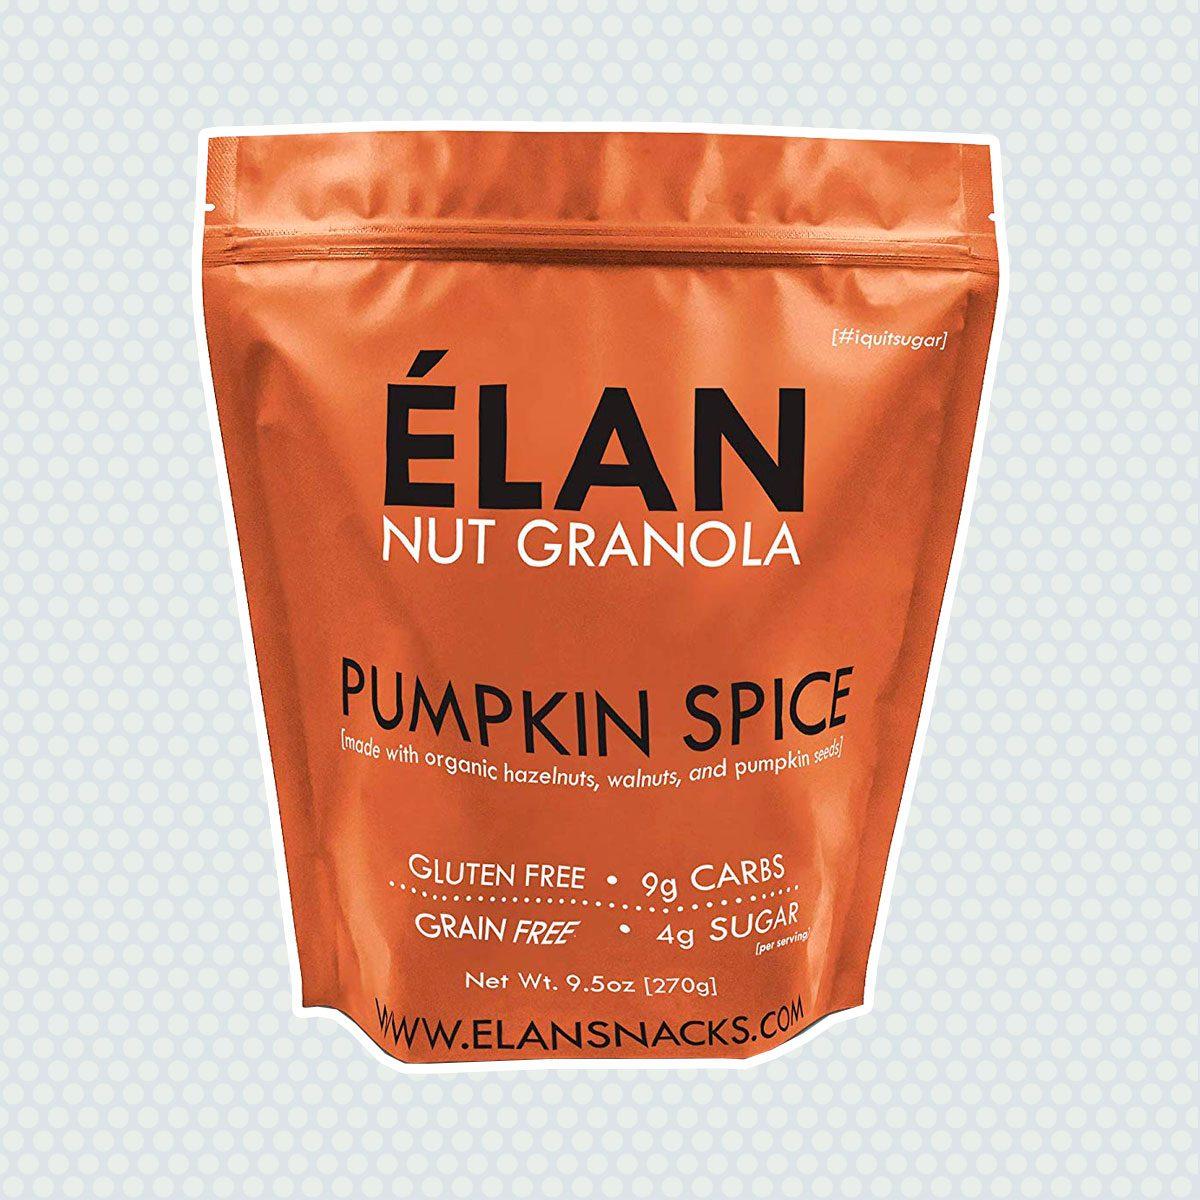 ELAN Pumpkin Spice Cookie Granola